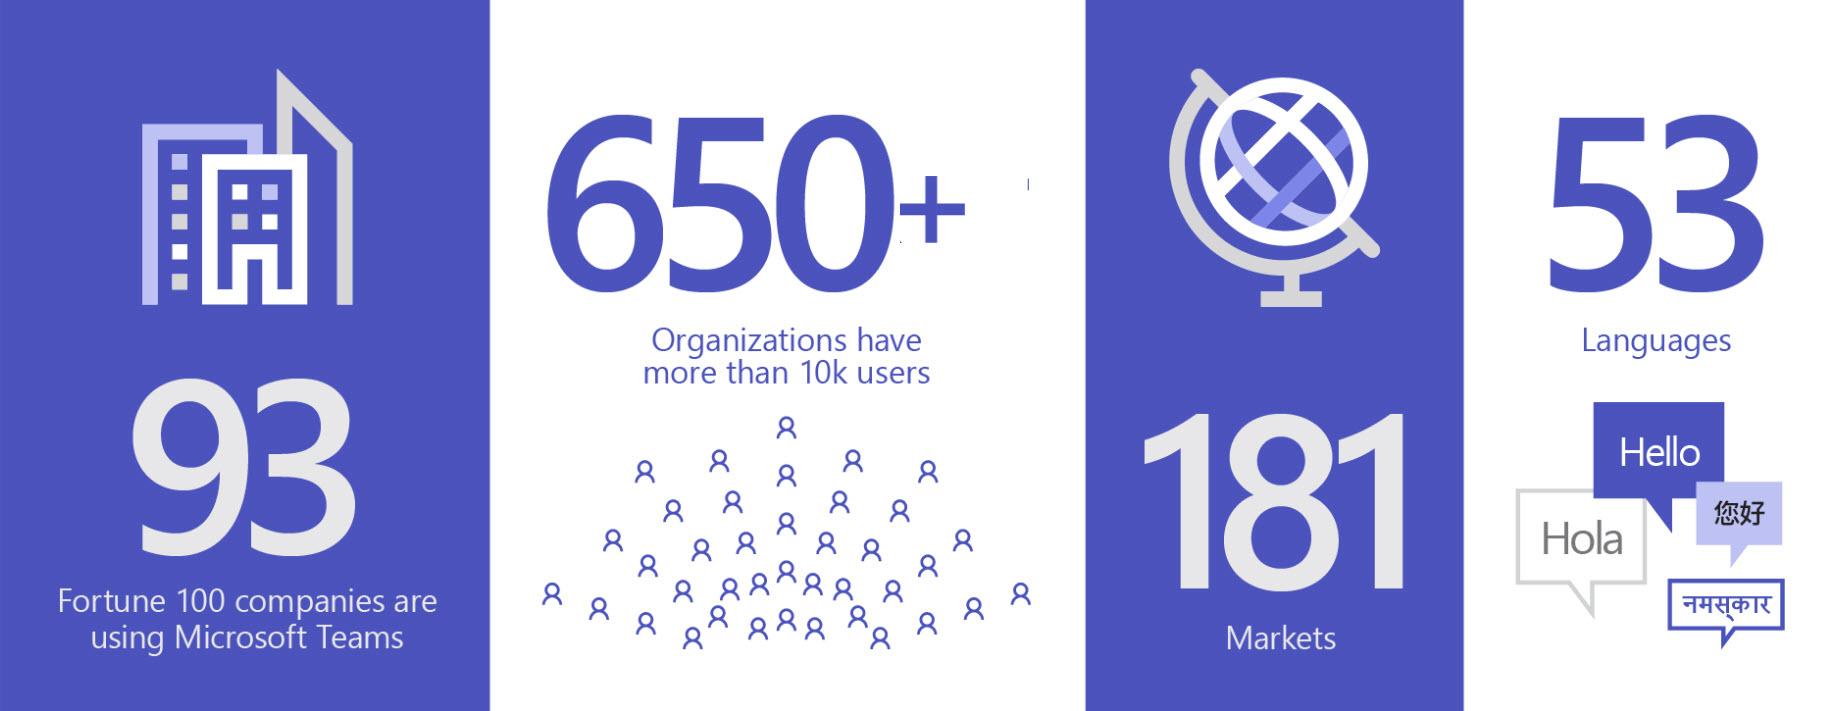 3 anni di Microsoft Teams: tutto ciò di cui hai bisogno per entrare in contatto con i membri del tuo team e aumentare la produttività